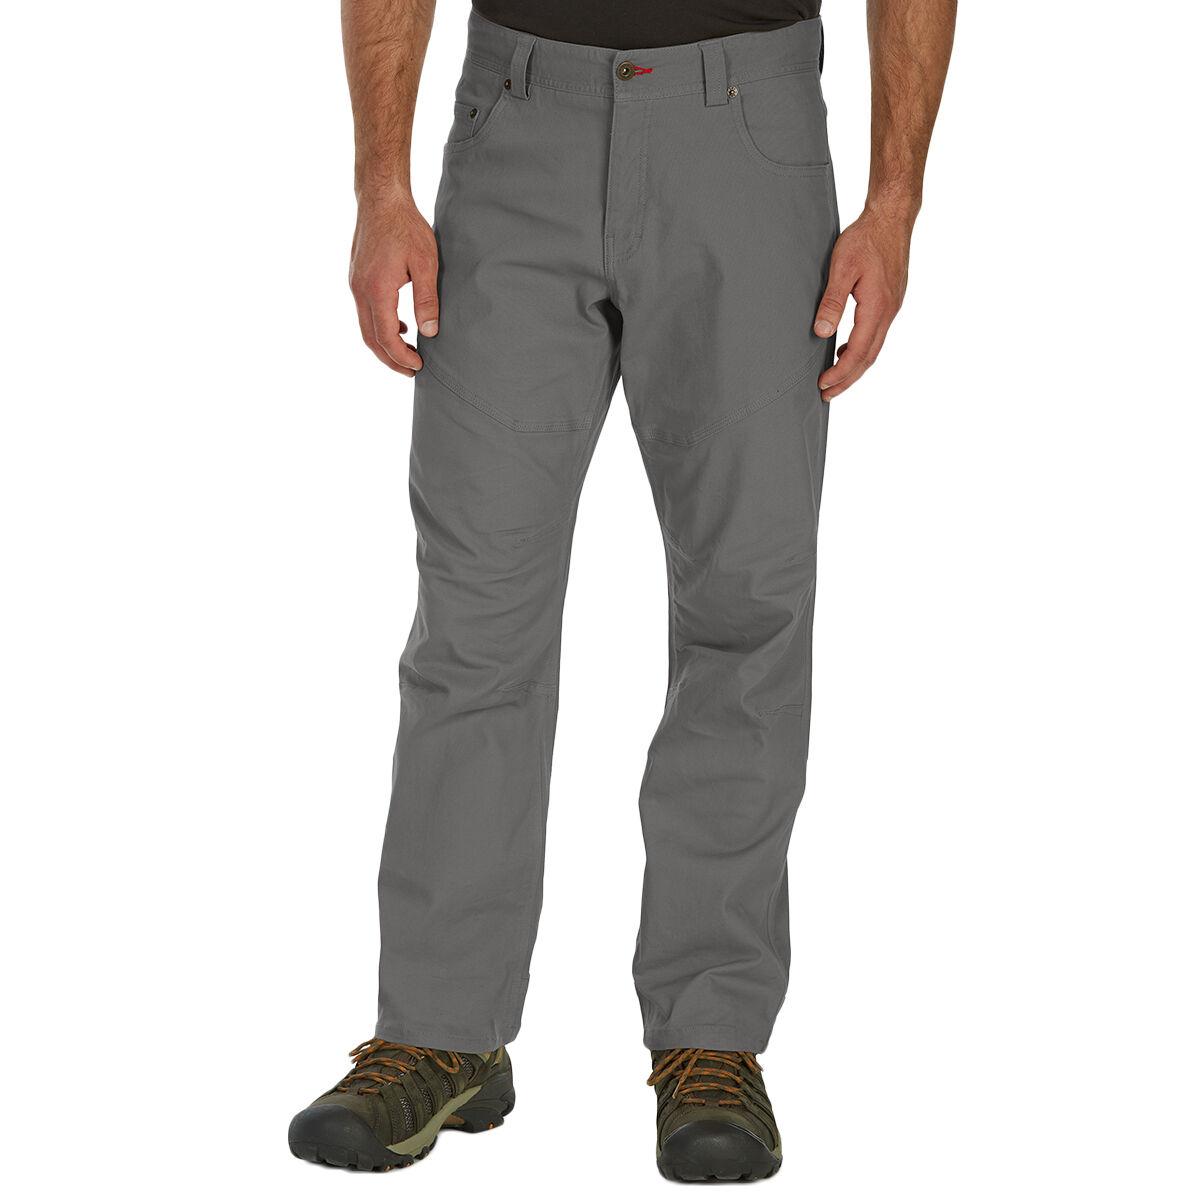 Ems Men's Fencemender Classic Pants - Black, 36/32